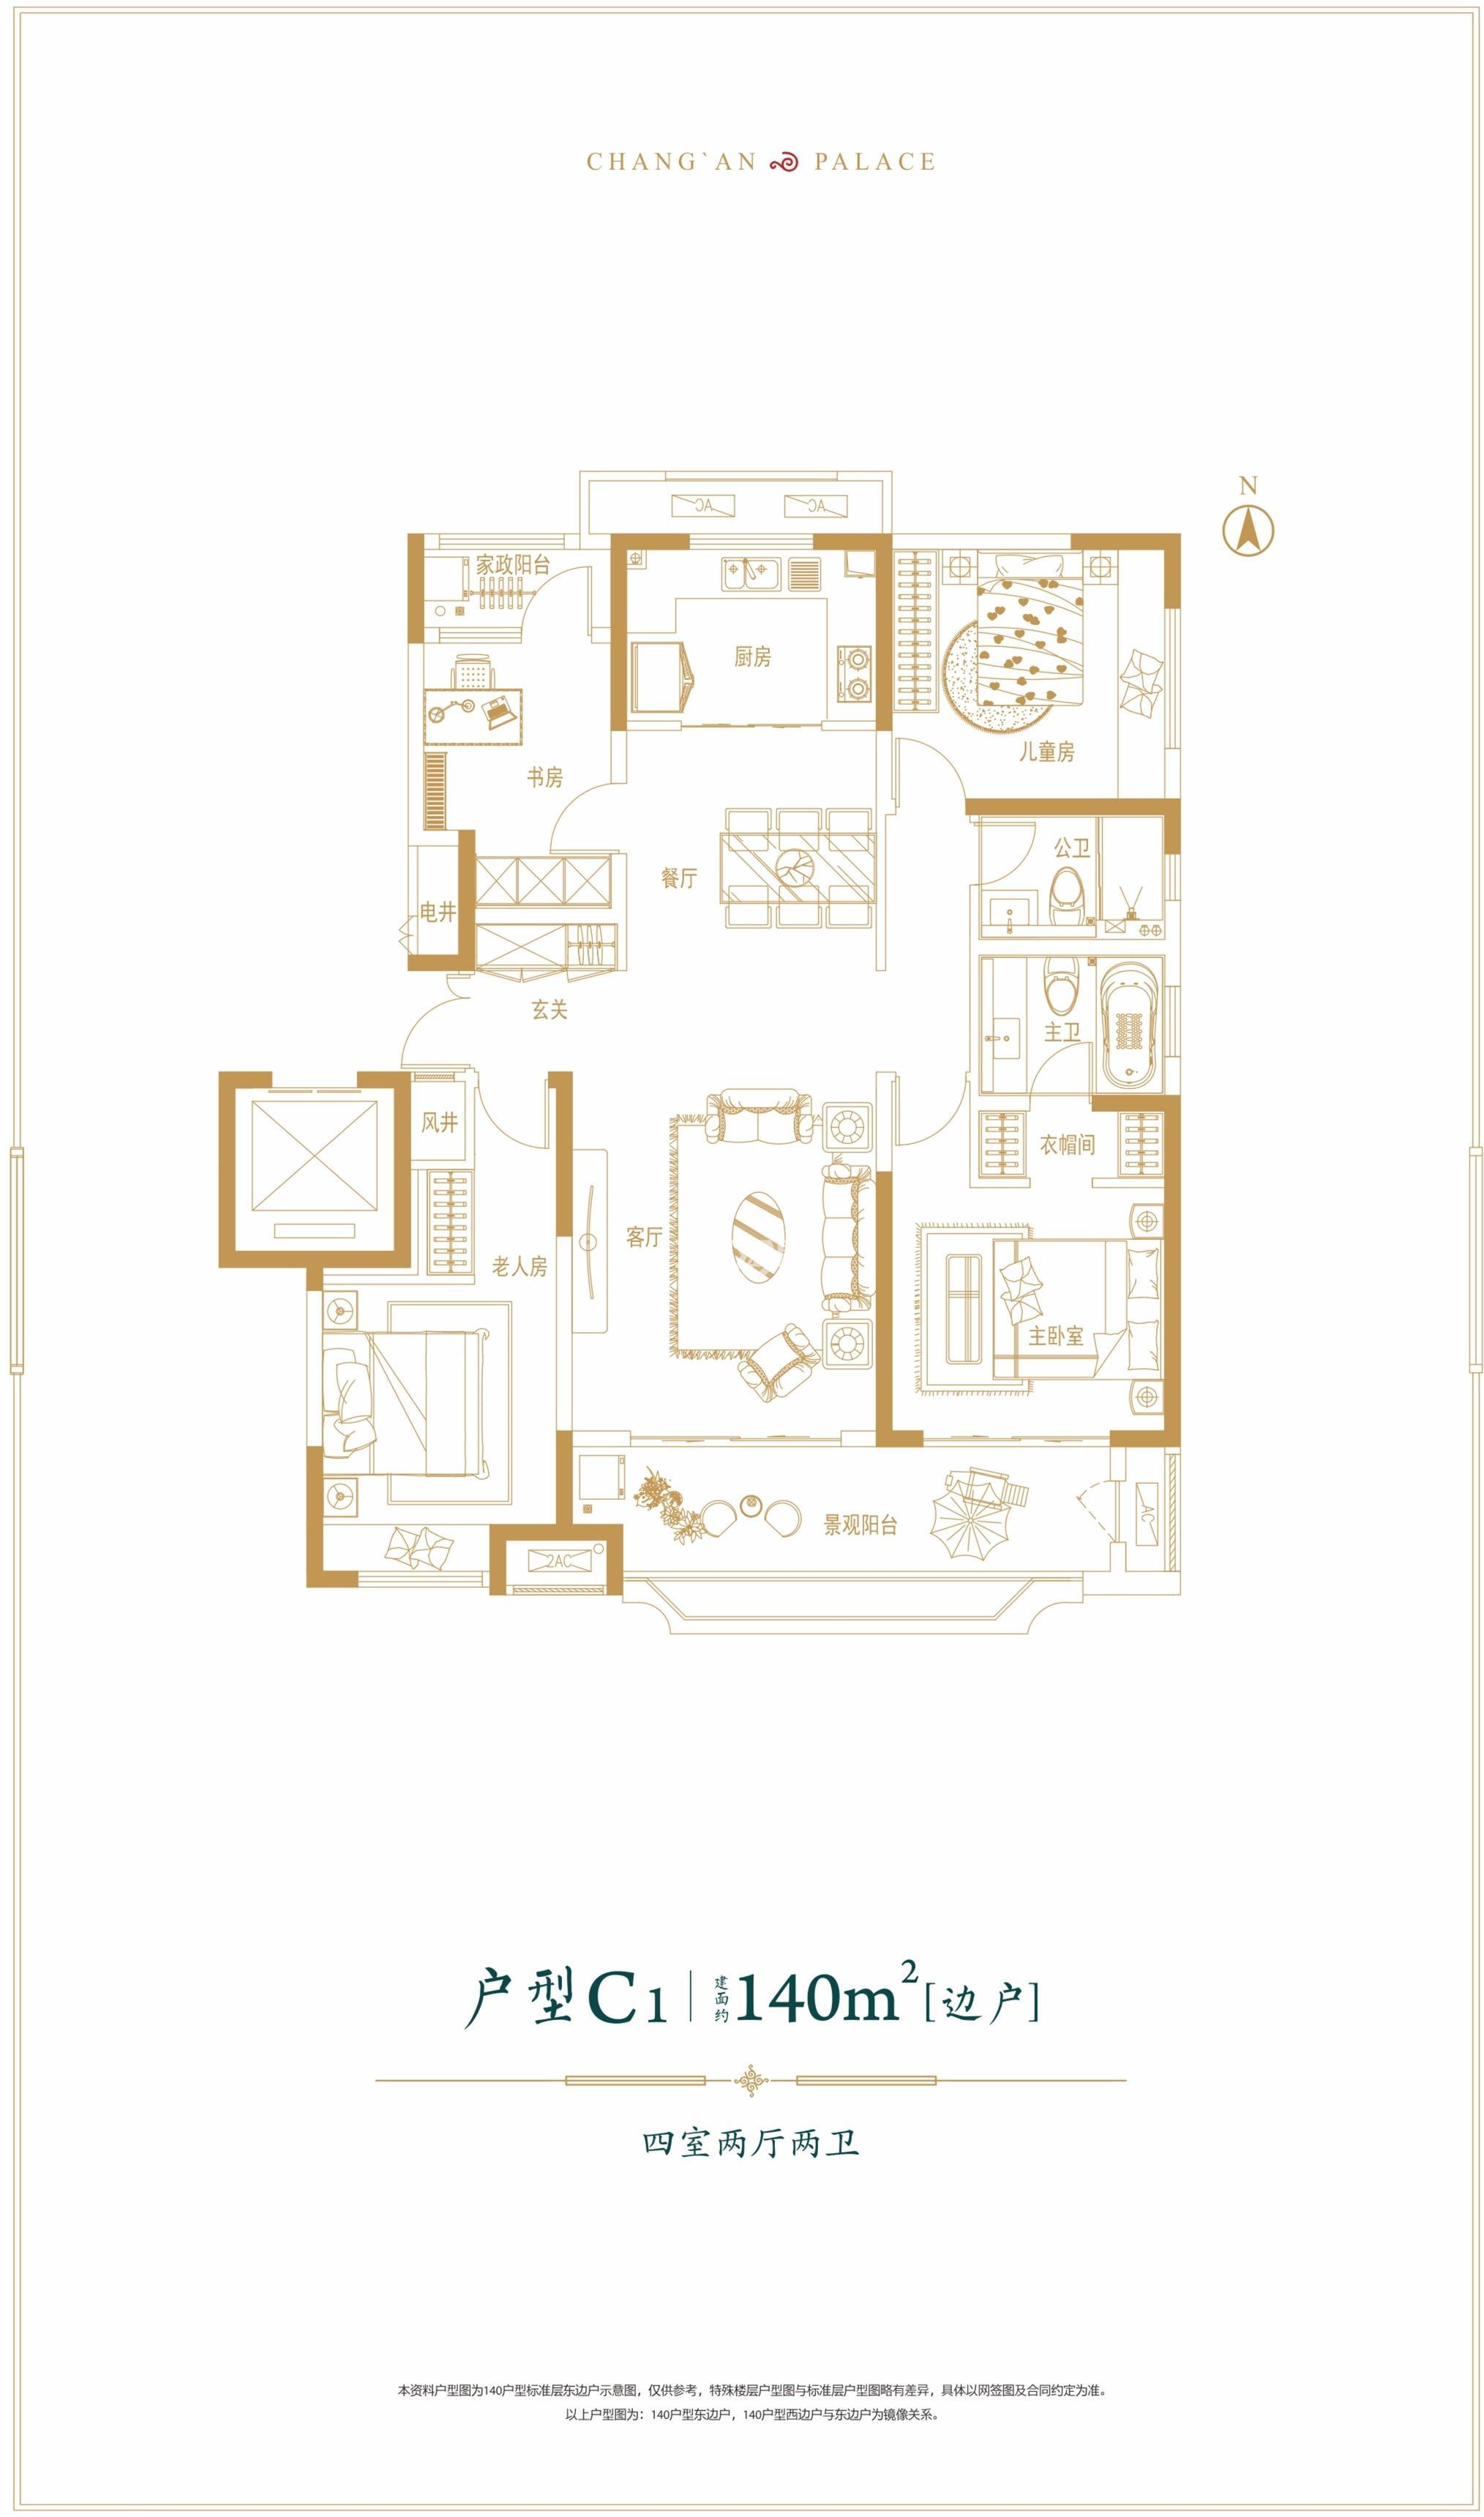 中海长安府四室两厅140㎡C1户型图